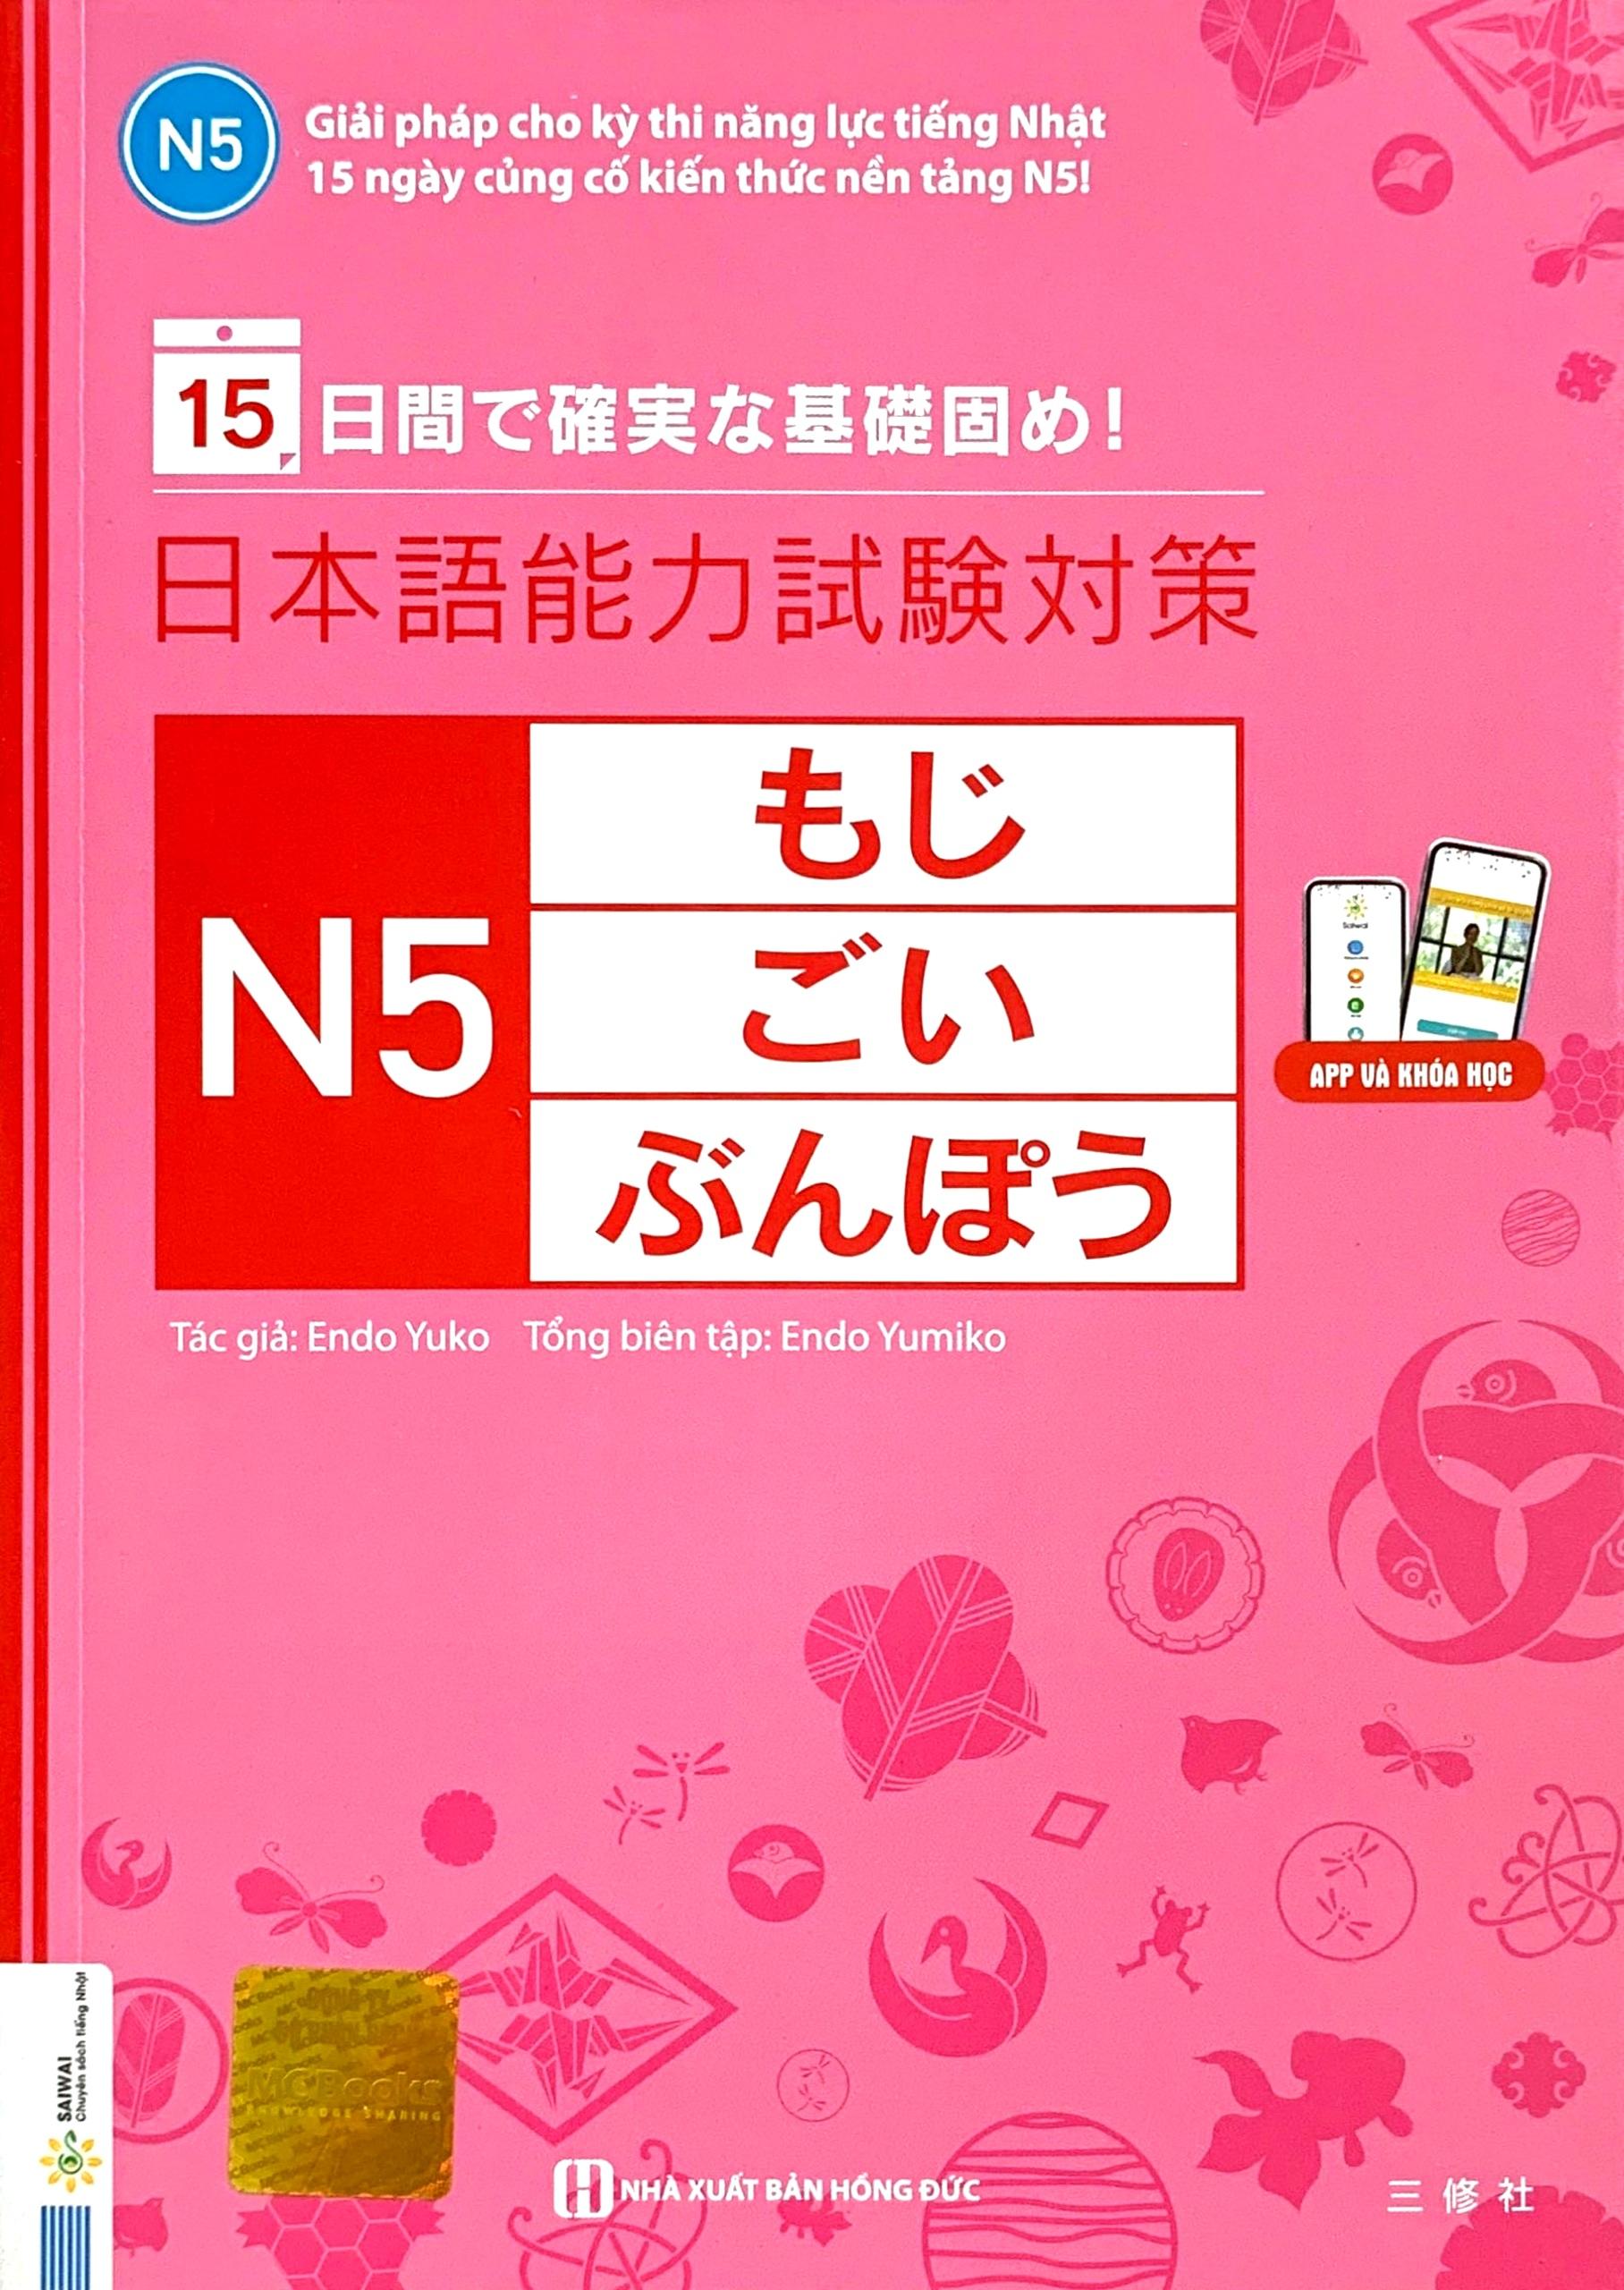 Lifestyle designSách Luyện Thi N5 Taisaku 15 Ngày Củng Cố Kiến Thức Nền Tảng N5 (Có Tiếng Việt)